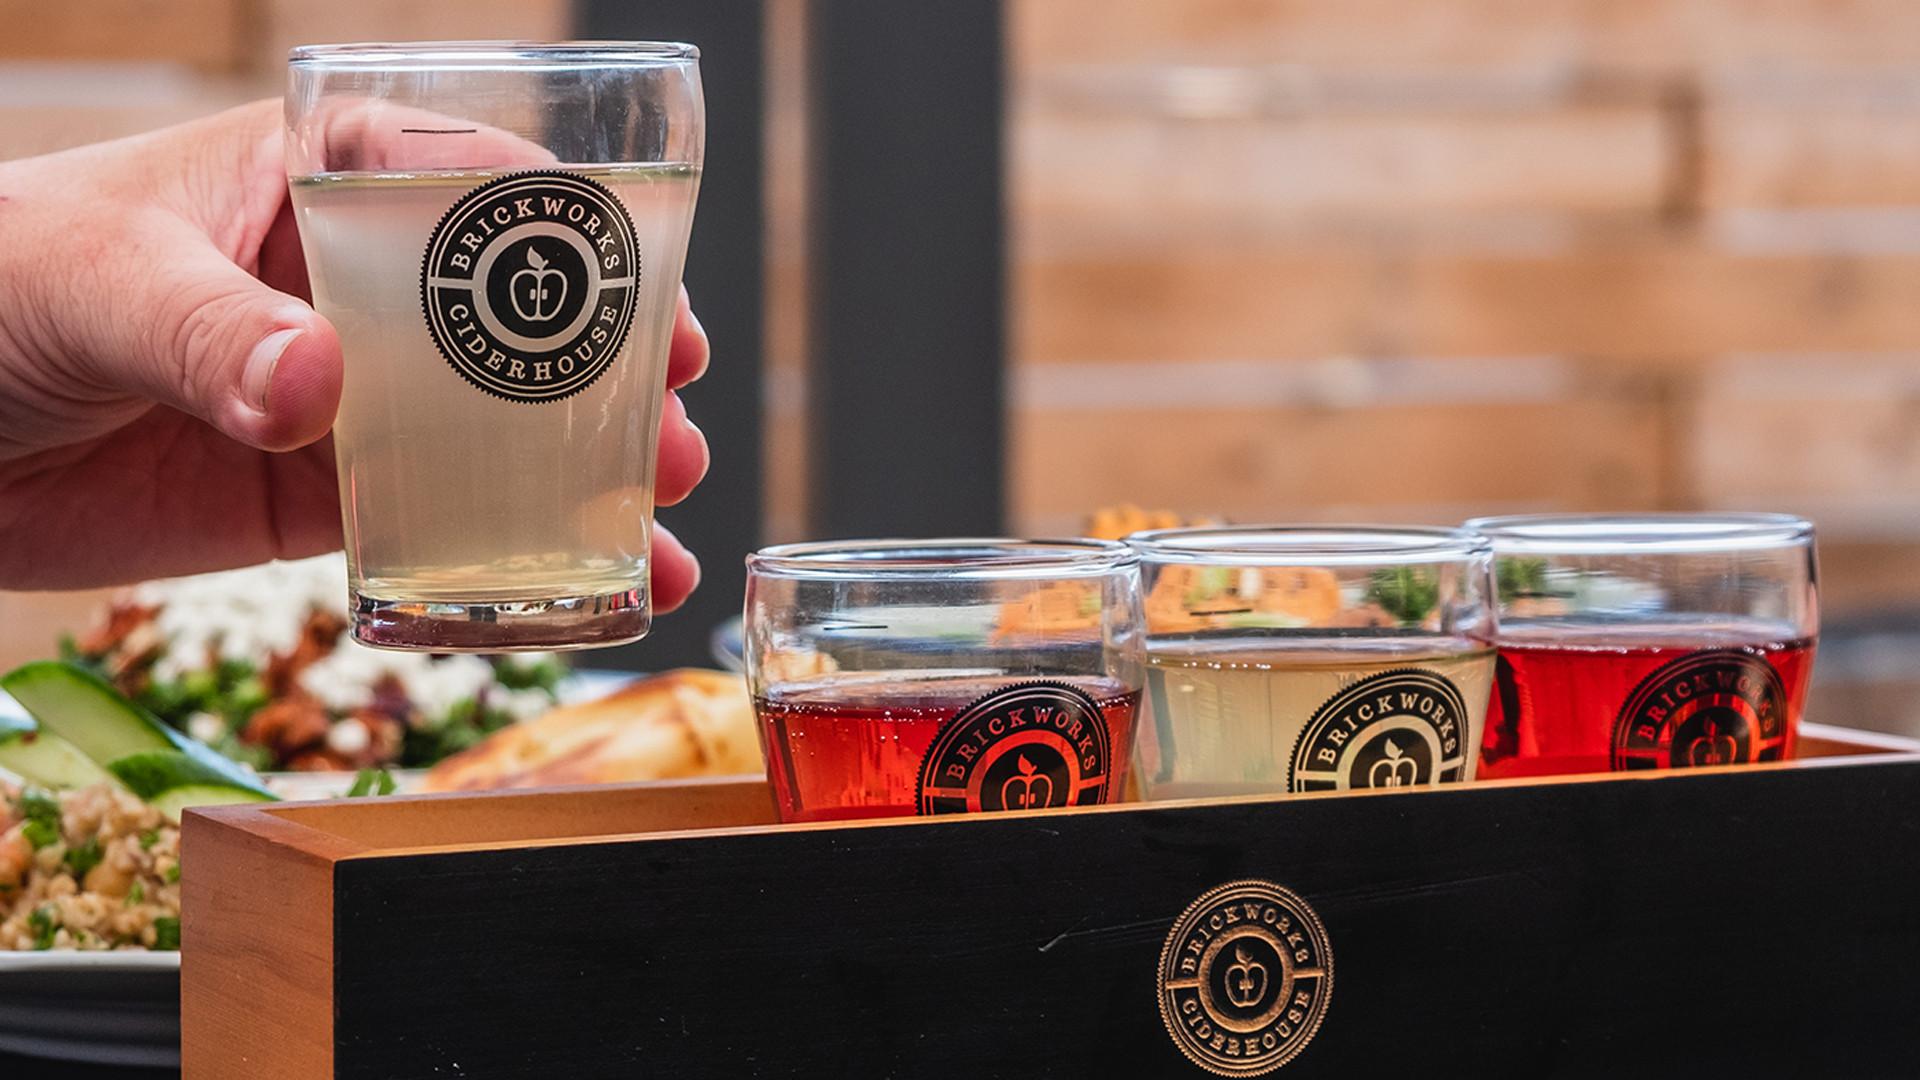 Brickworks Ciderhouse Toronto craft cider | A flight of Brickworks Cider